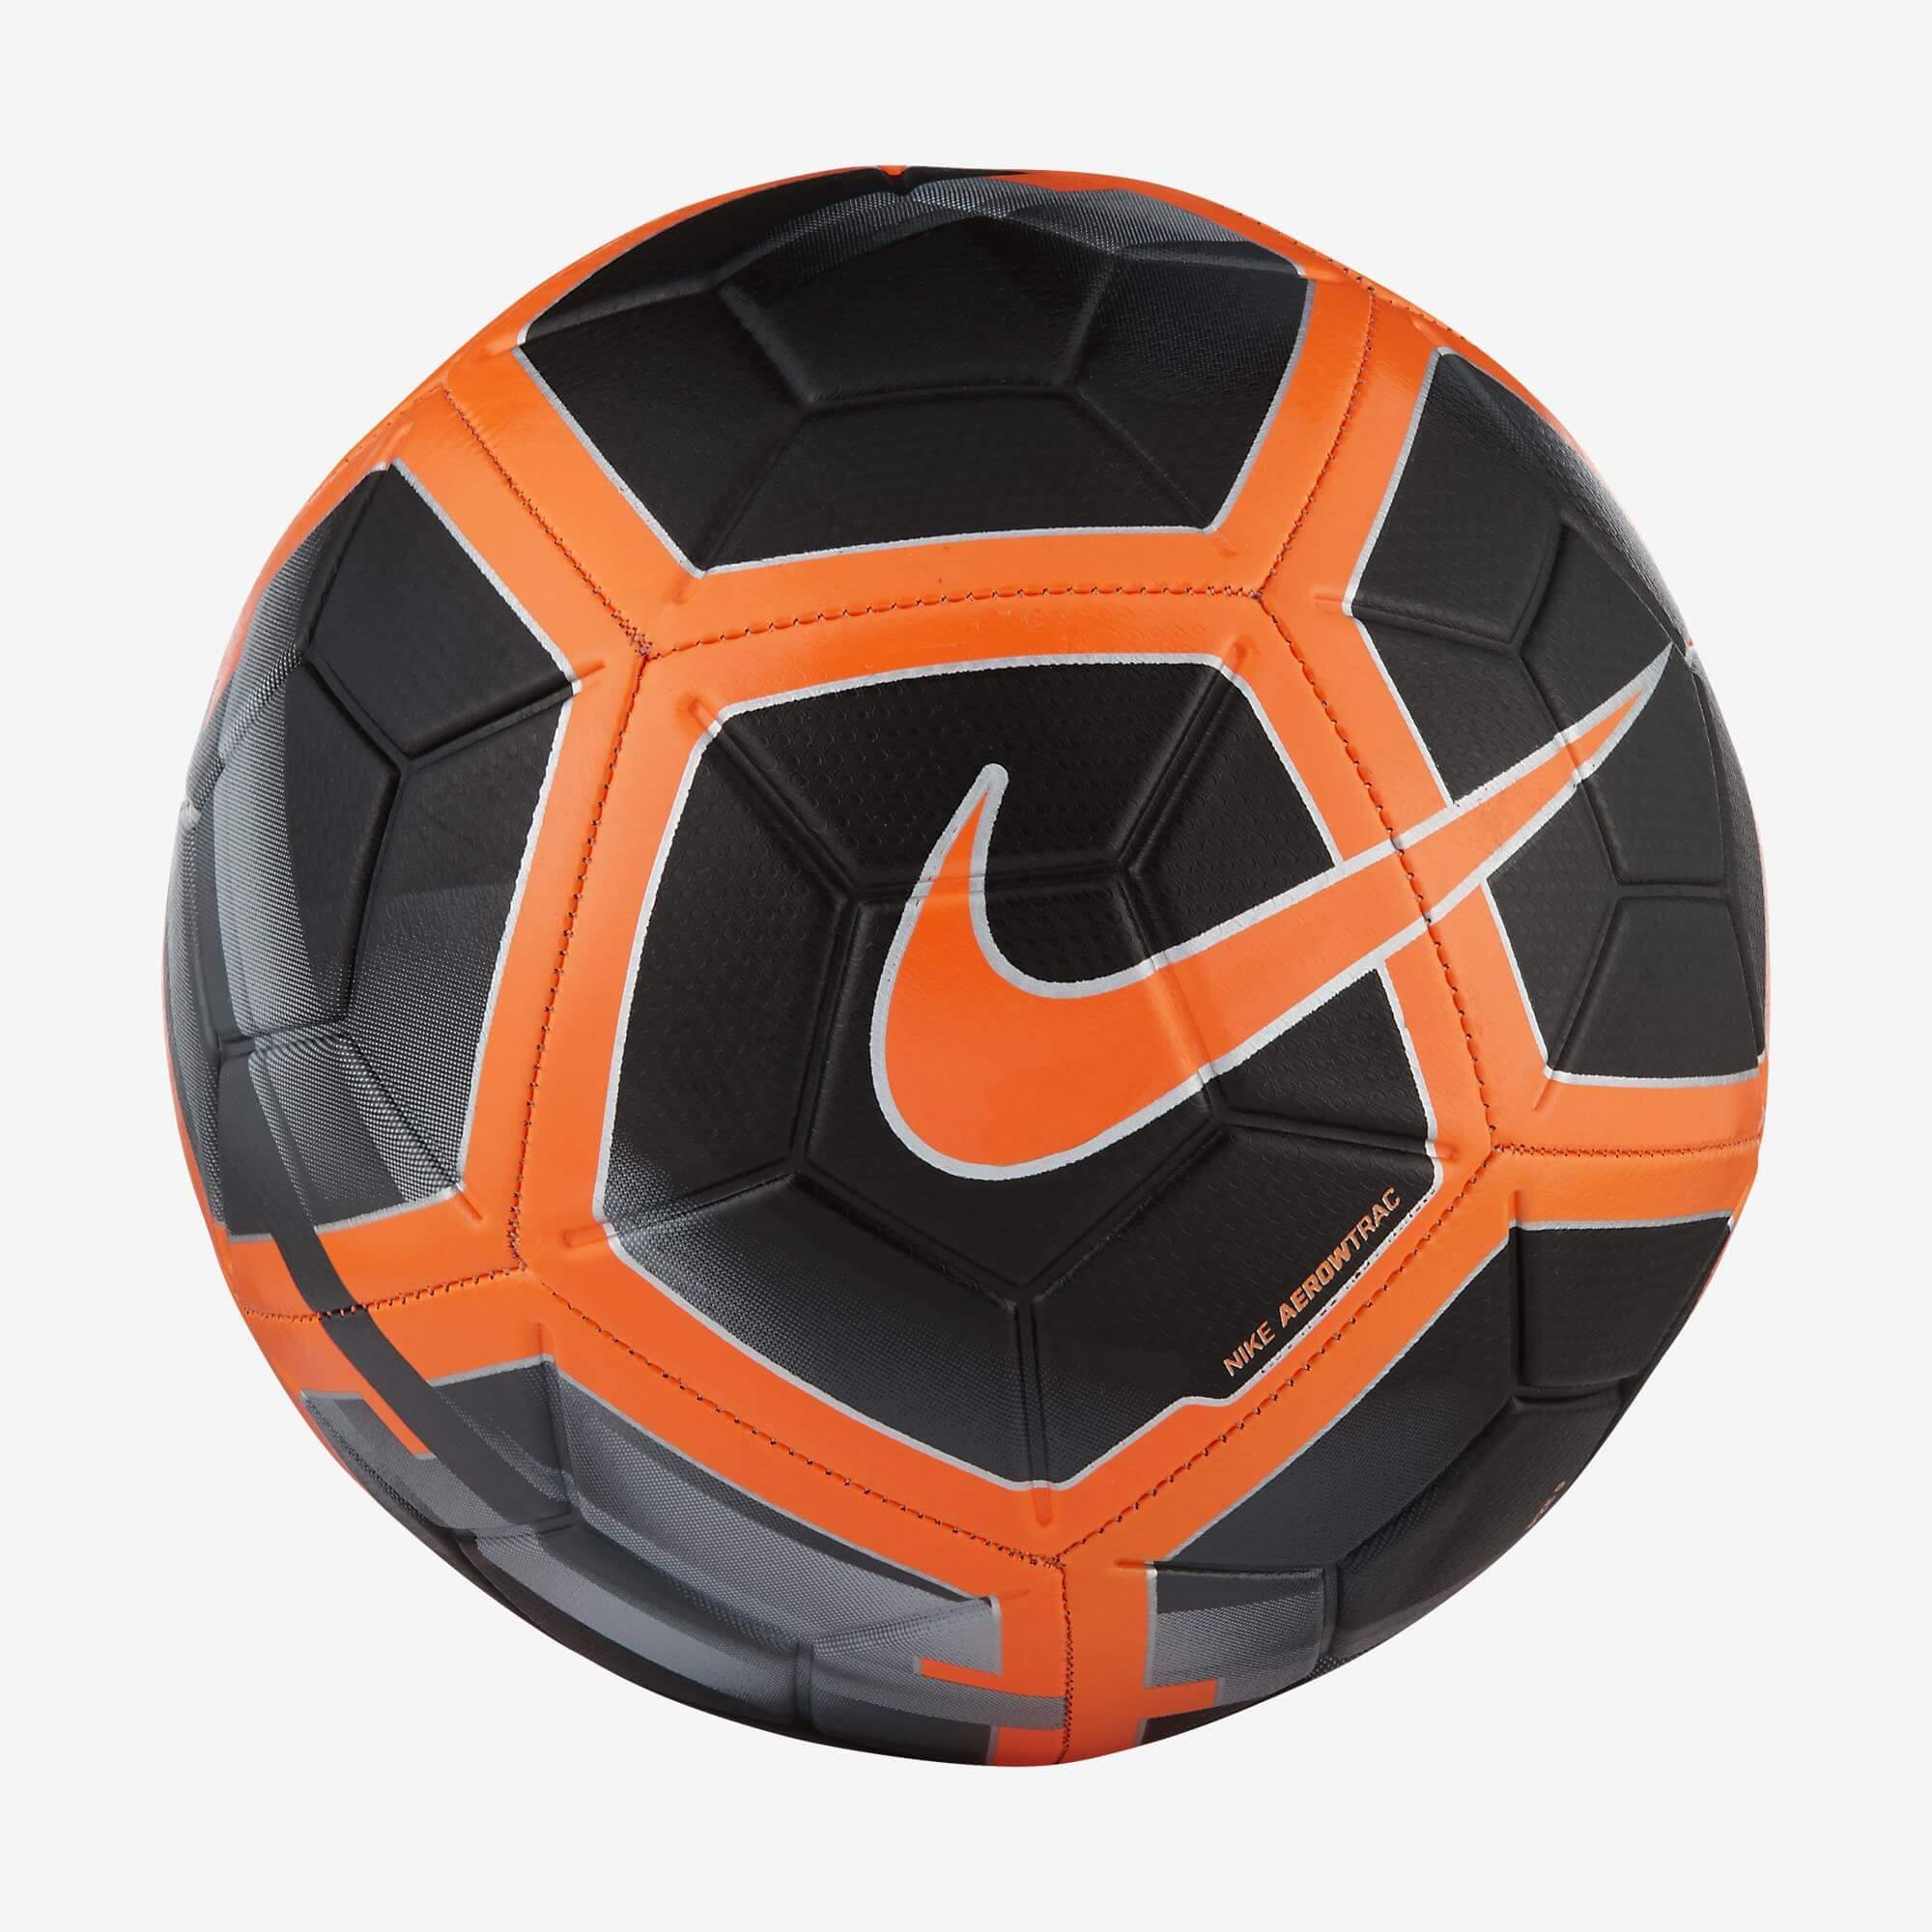 Bola de Futebol Nike Strike Campo - BRACIA SHOP  Loja de Roupas ... fa8612e8234e0